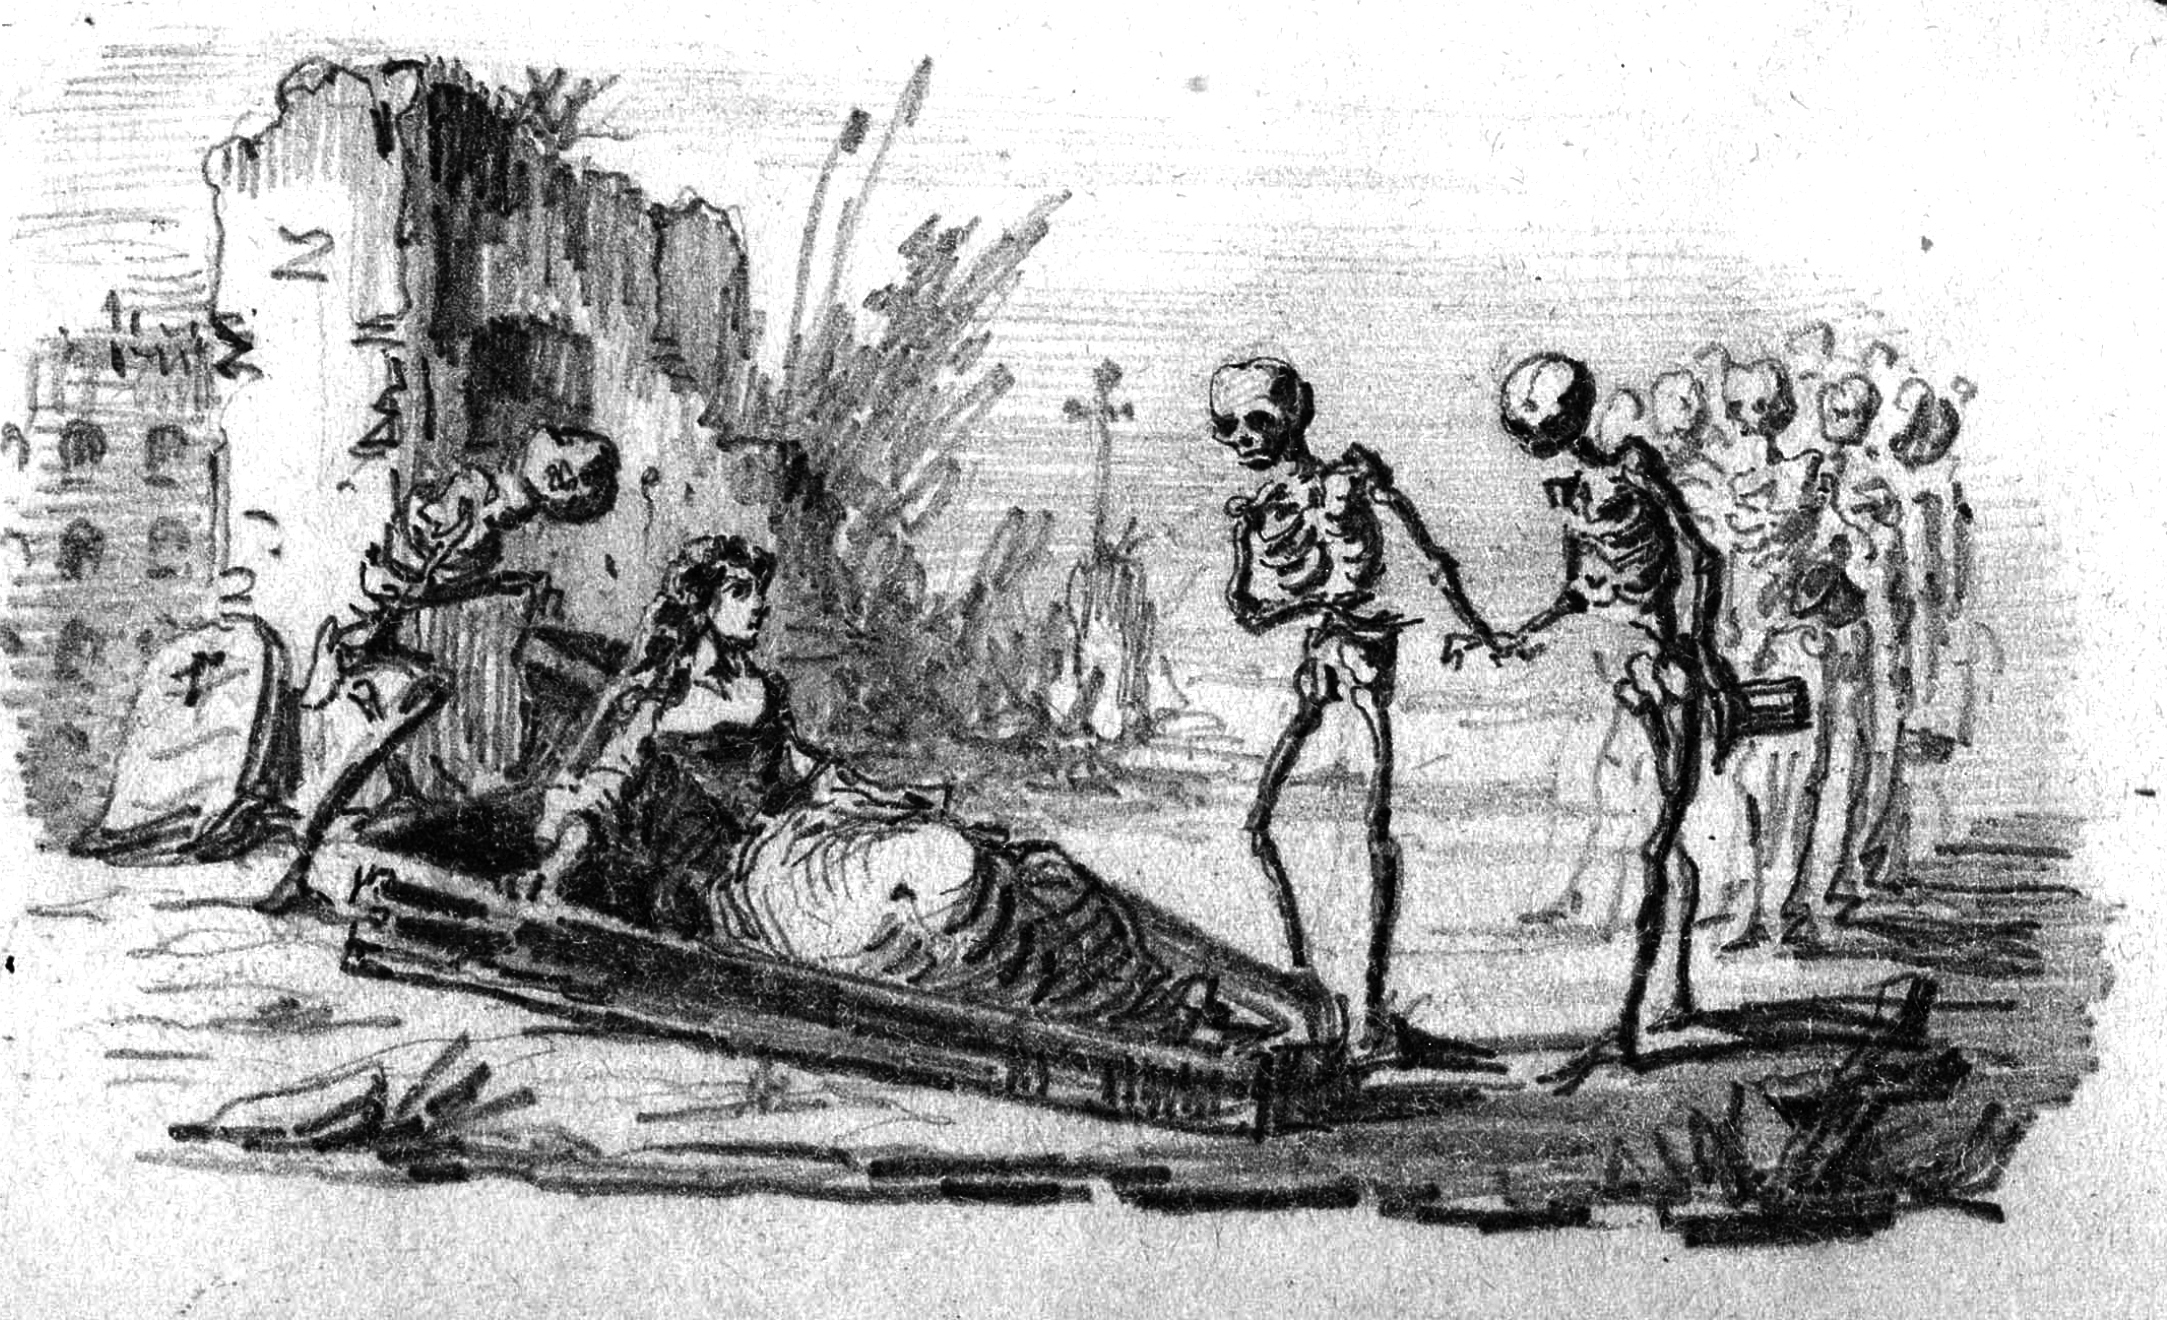 File:Bécquer - Les morts pour rire 12.jpg - Wikimedia Commons